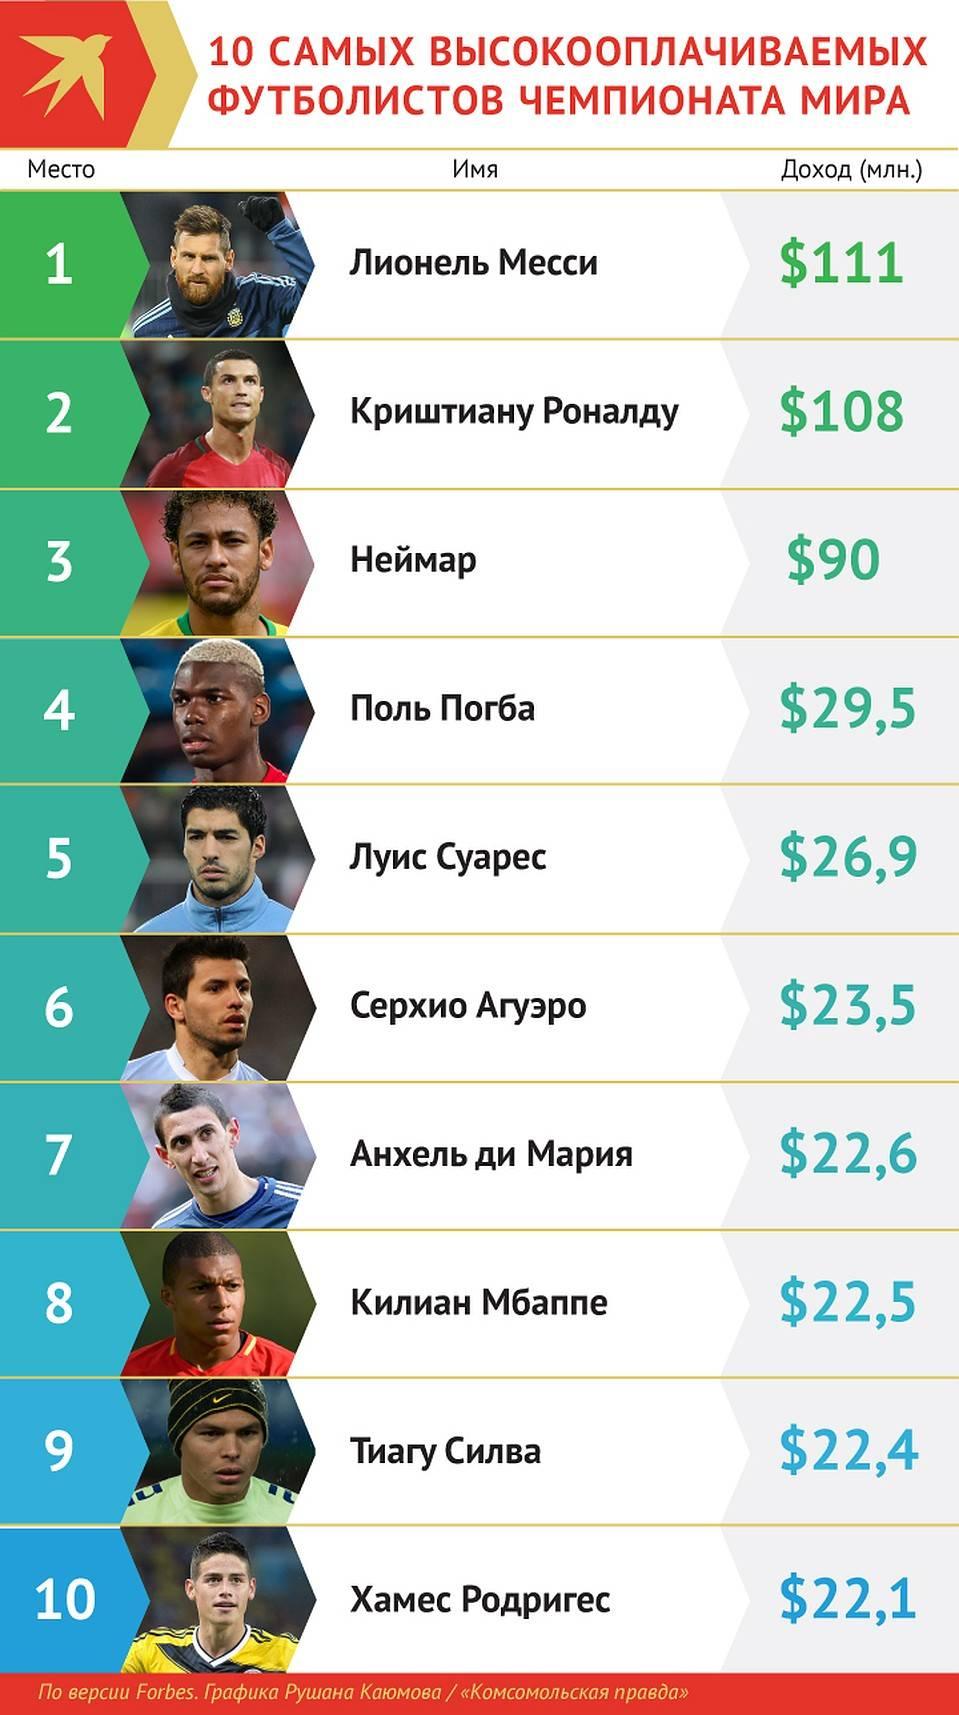 Самые богатые футболисты мира (2020)